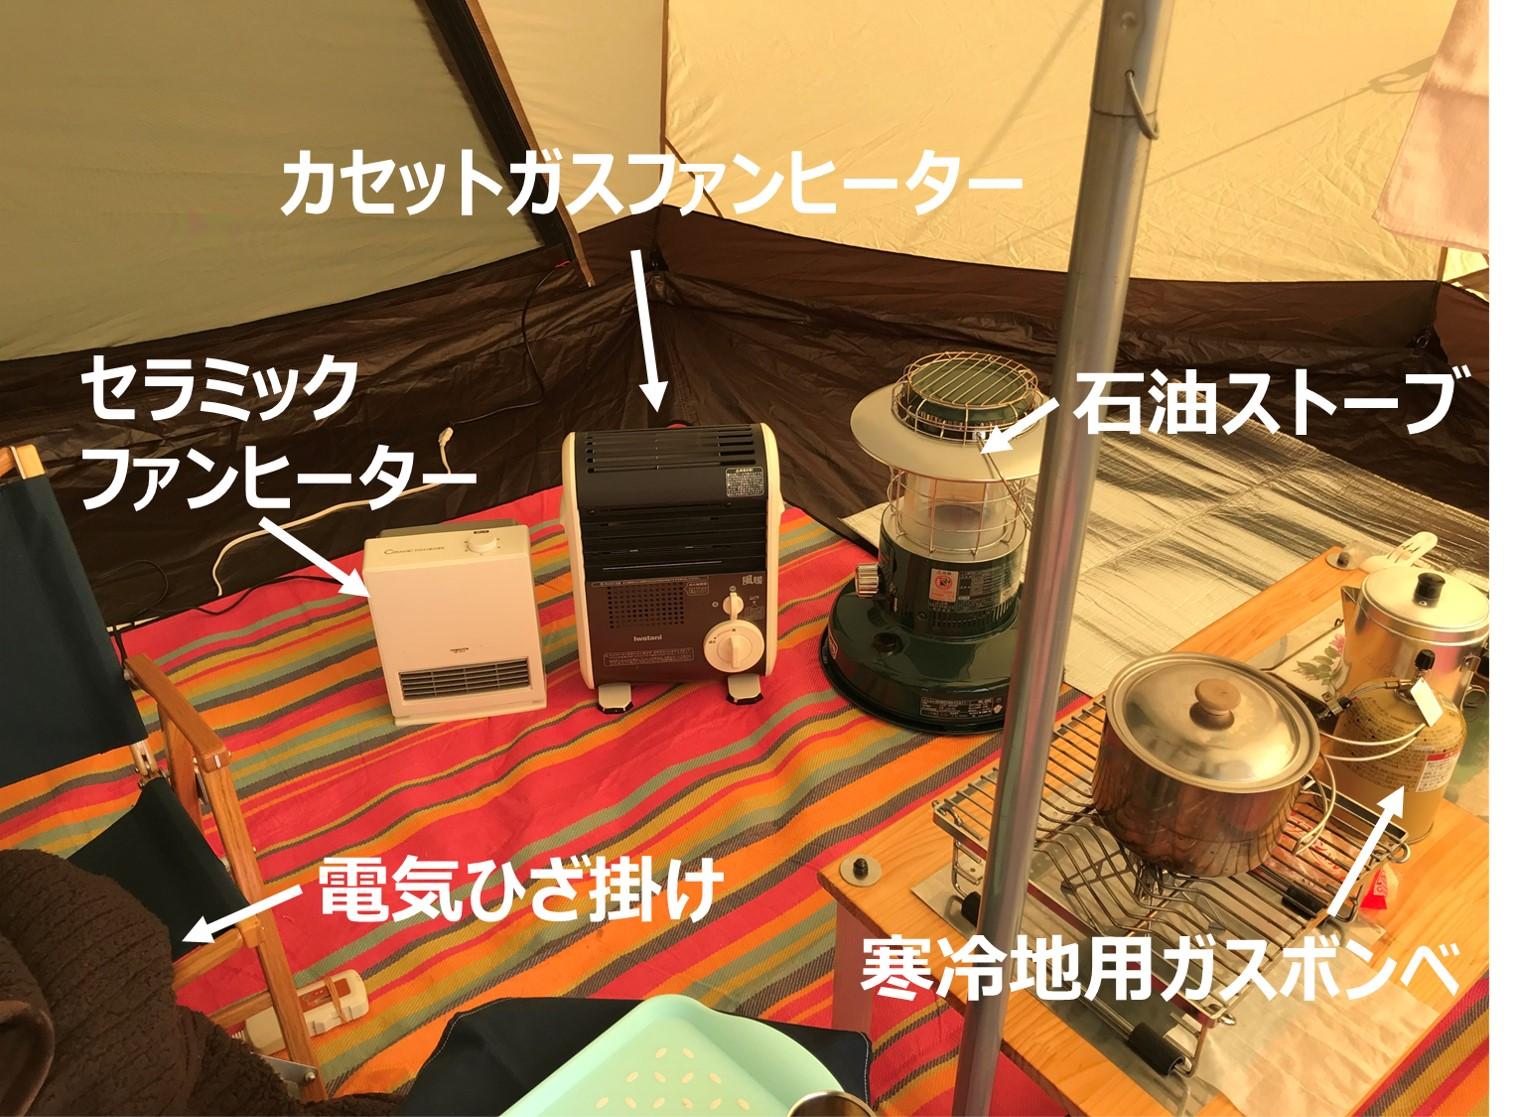 春キャンプの暖房器具一式